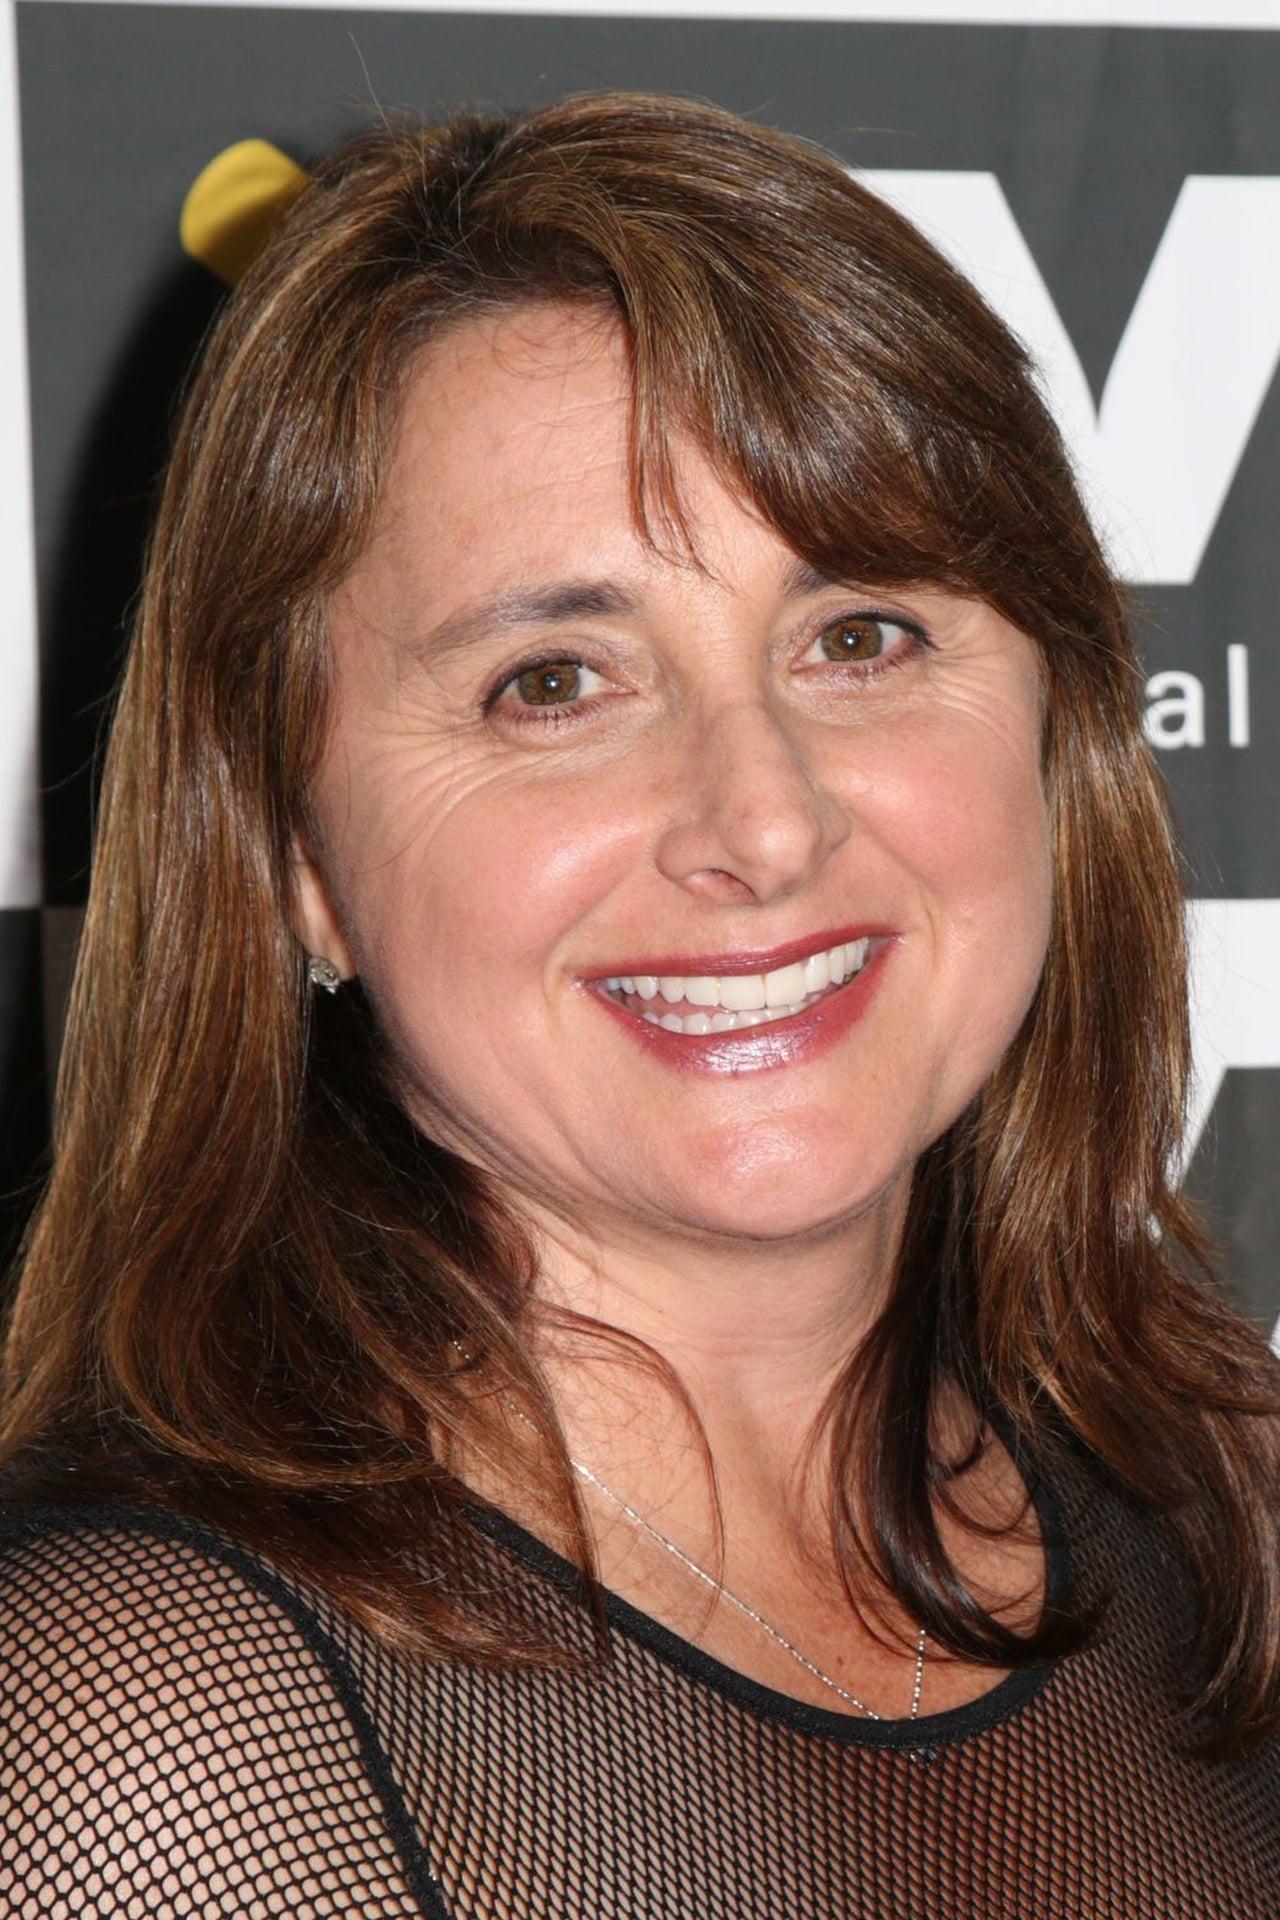 Victoria Alonso